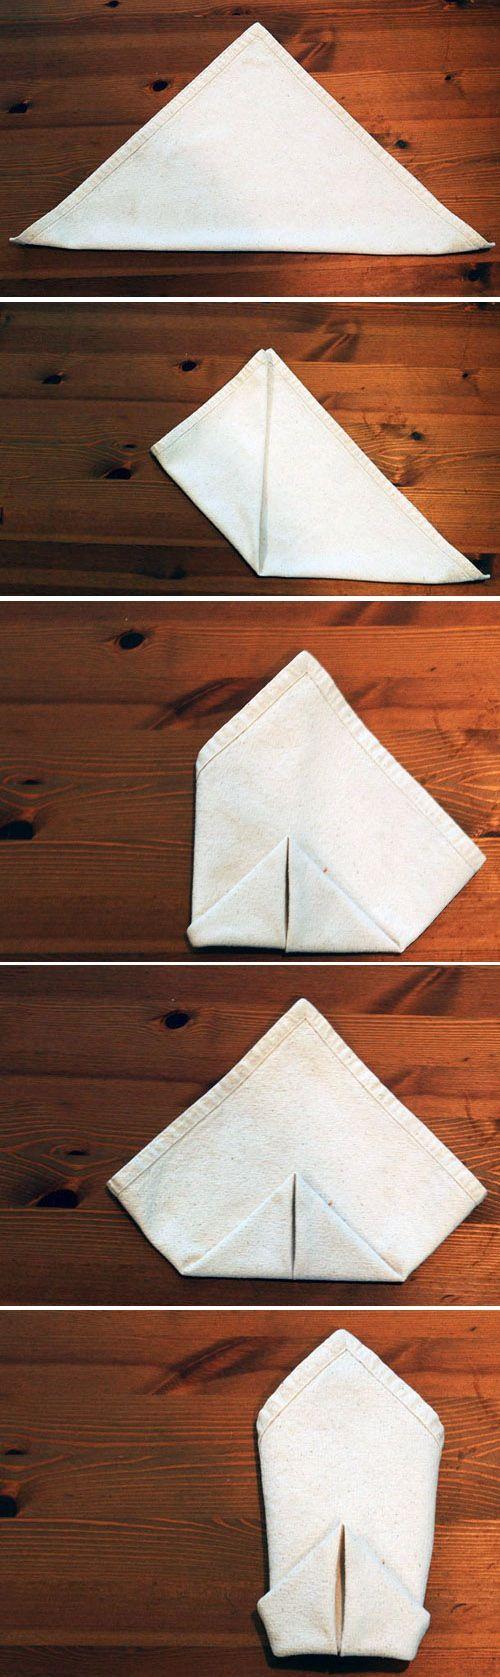 Napkin Folding Techniques | 食卓をリッチな雰囲気にしてくれるクリエイティブ ...